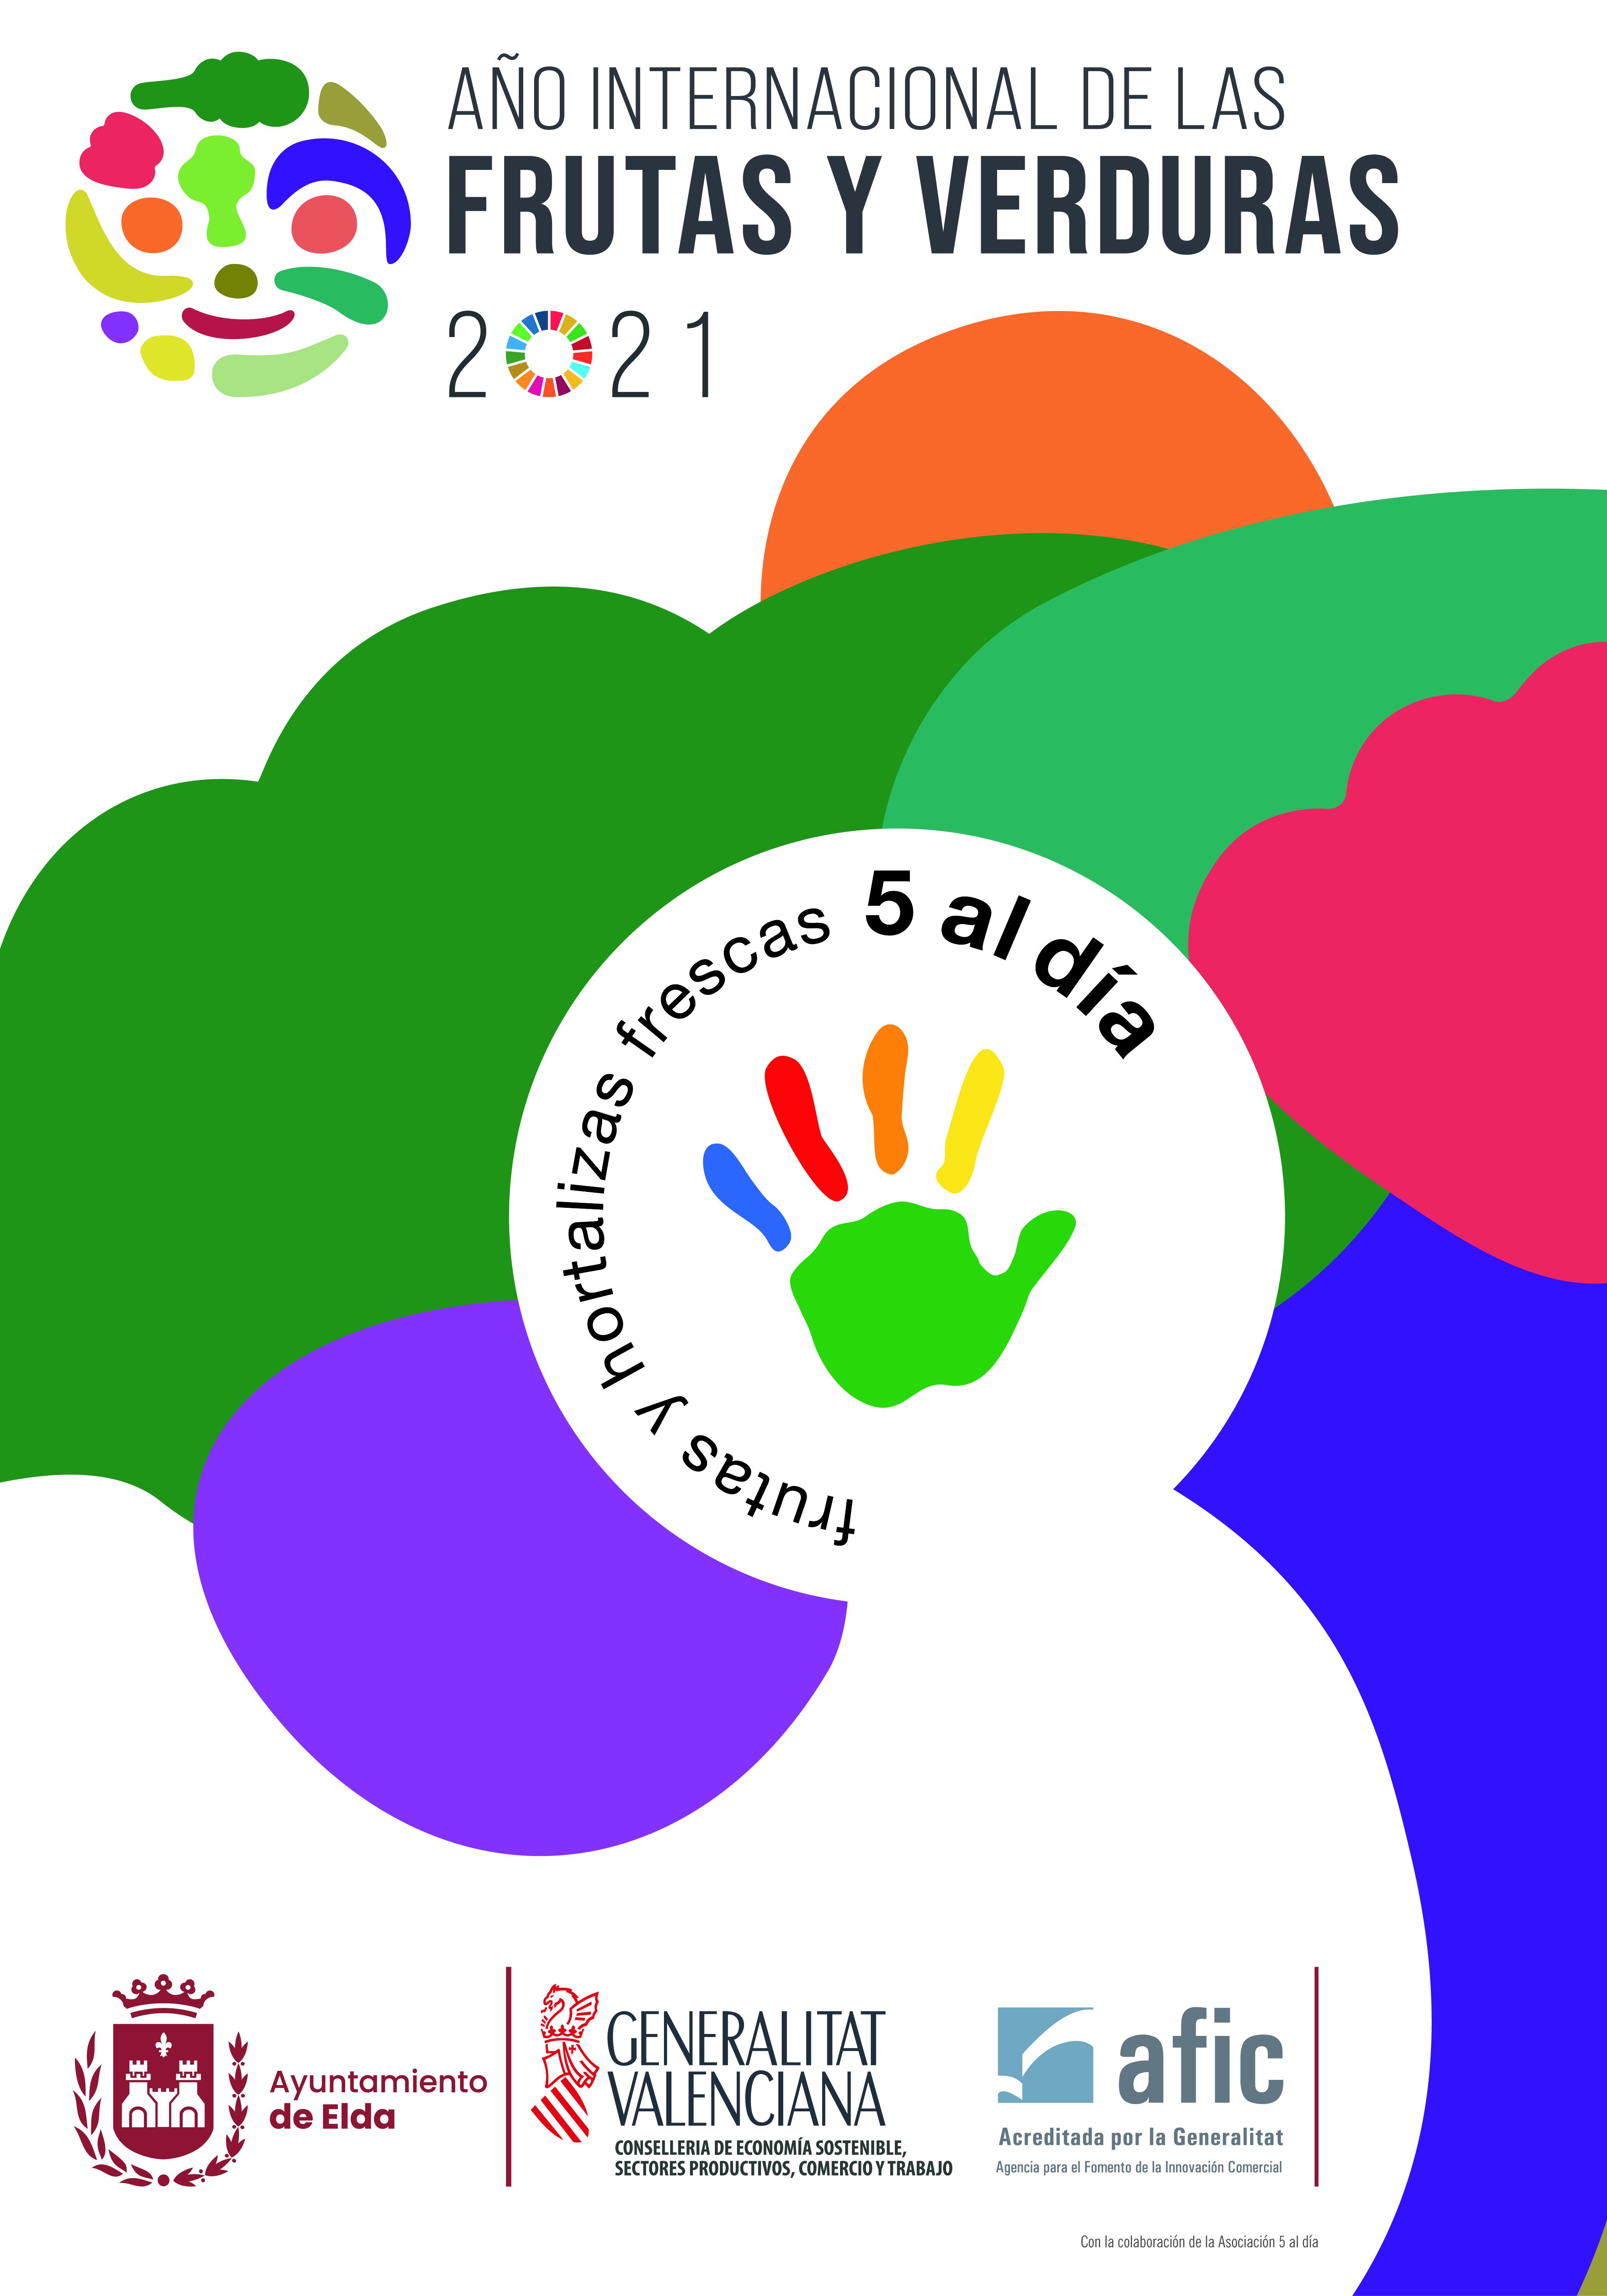 El Ayuntamiento de Elda inicia una campaña para fomentar el consumo de frutas y verduras frescas